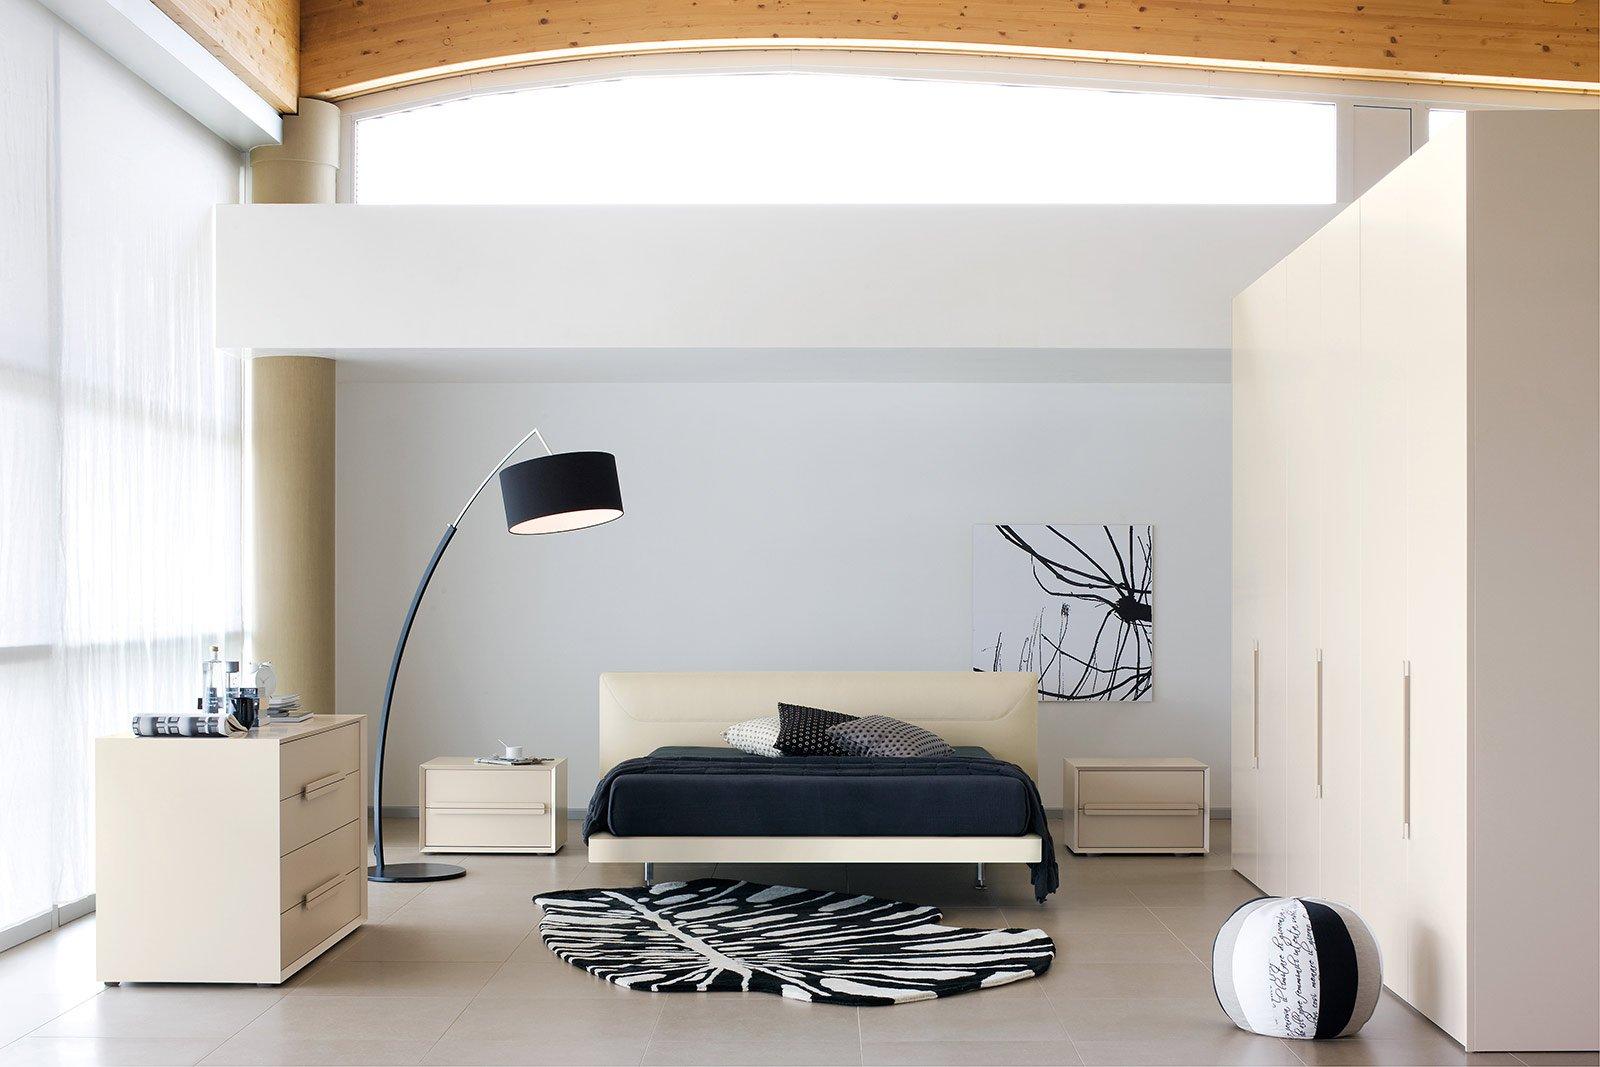 Lenzuola Di Seta Opinioni biancheria per la camera - cose di casa